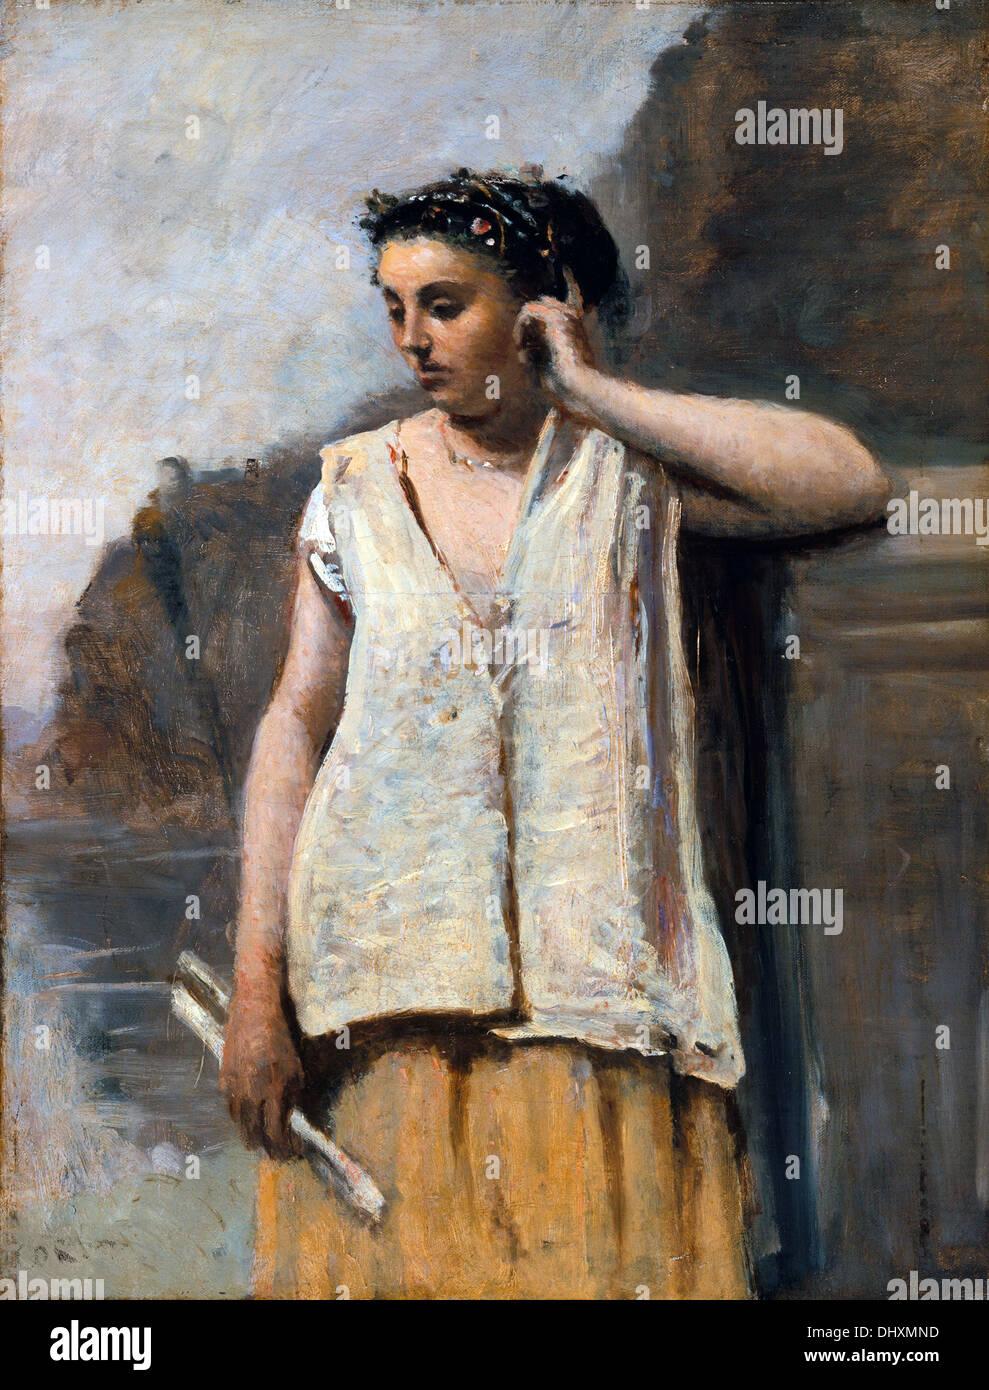 La musa - Storia - da Camille Corot, 1865 Immagini Stock